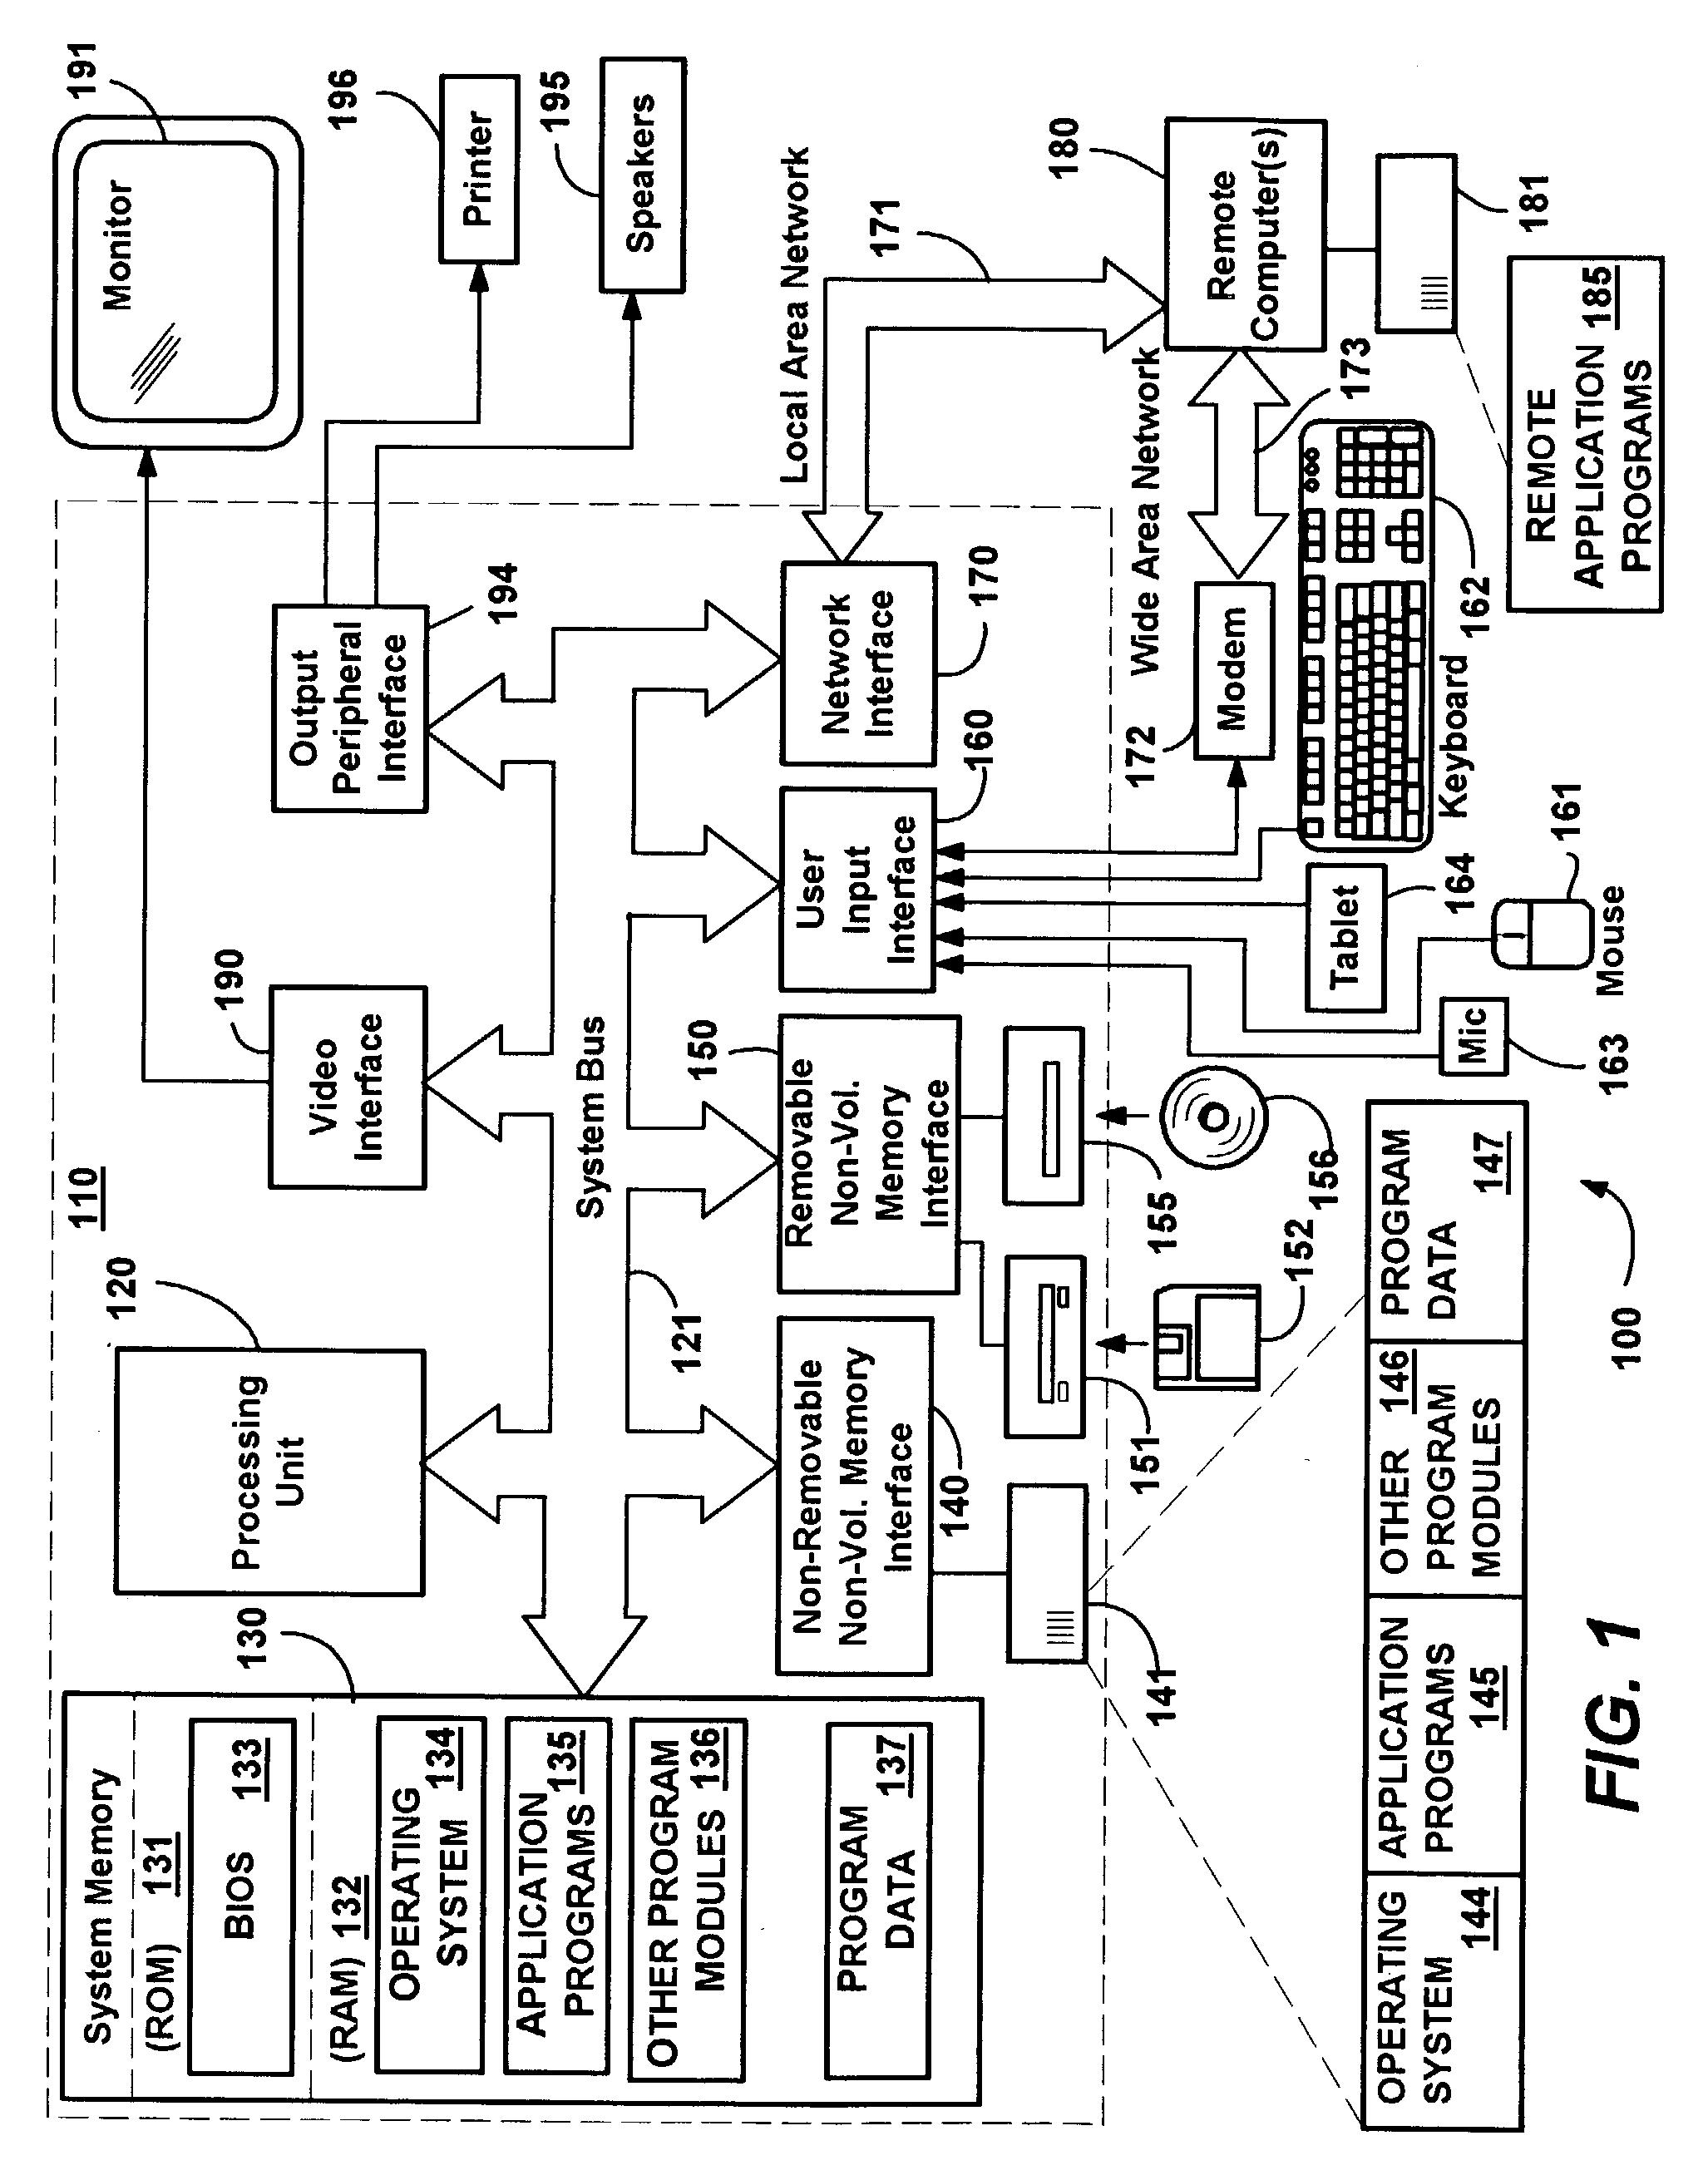 [SCHEMATICS_4NL]  RA_6992] Car Alarm Wiring Diagram In Addition Car Alarm System Wiring  Diagram Wiring Diagram | Scytek Car Wiring Diagram |  | Onica Venet Mohammedshrine Librar Wiring 101